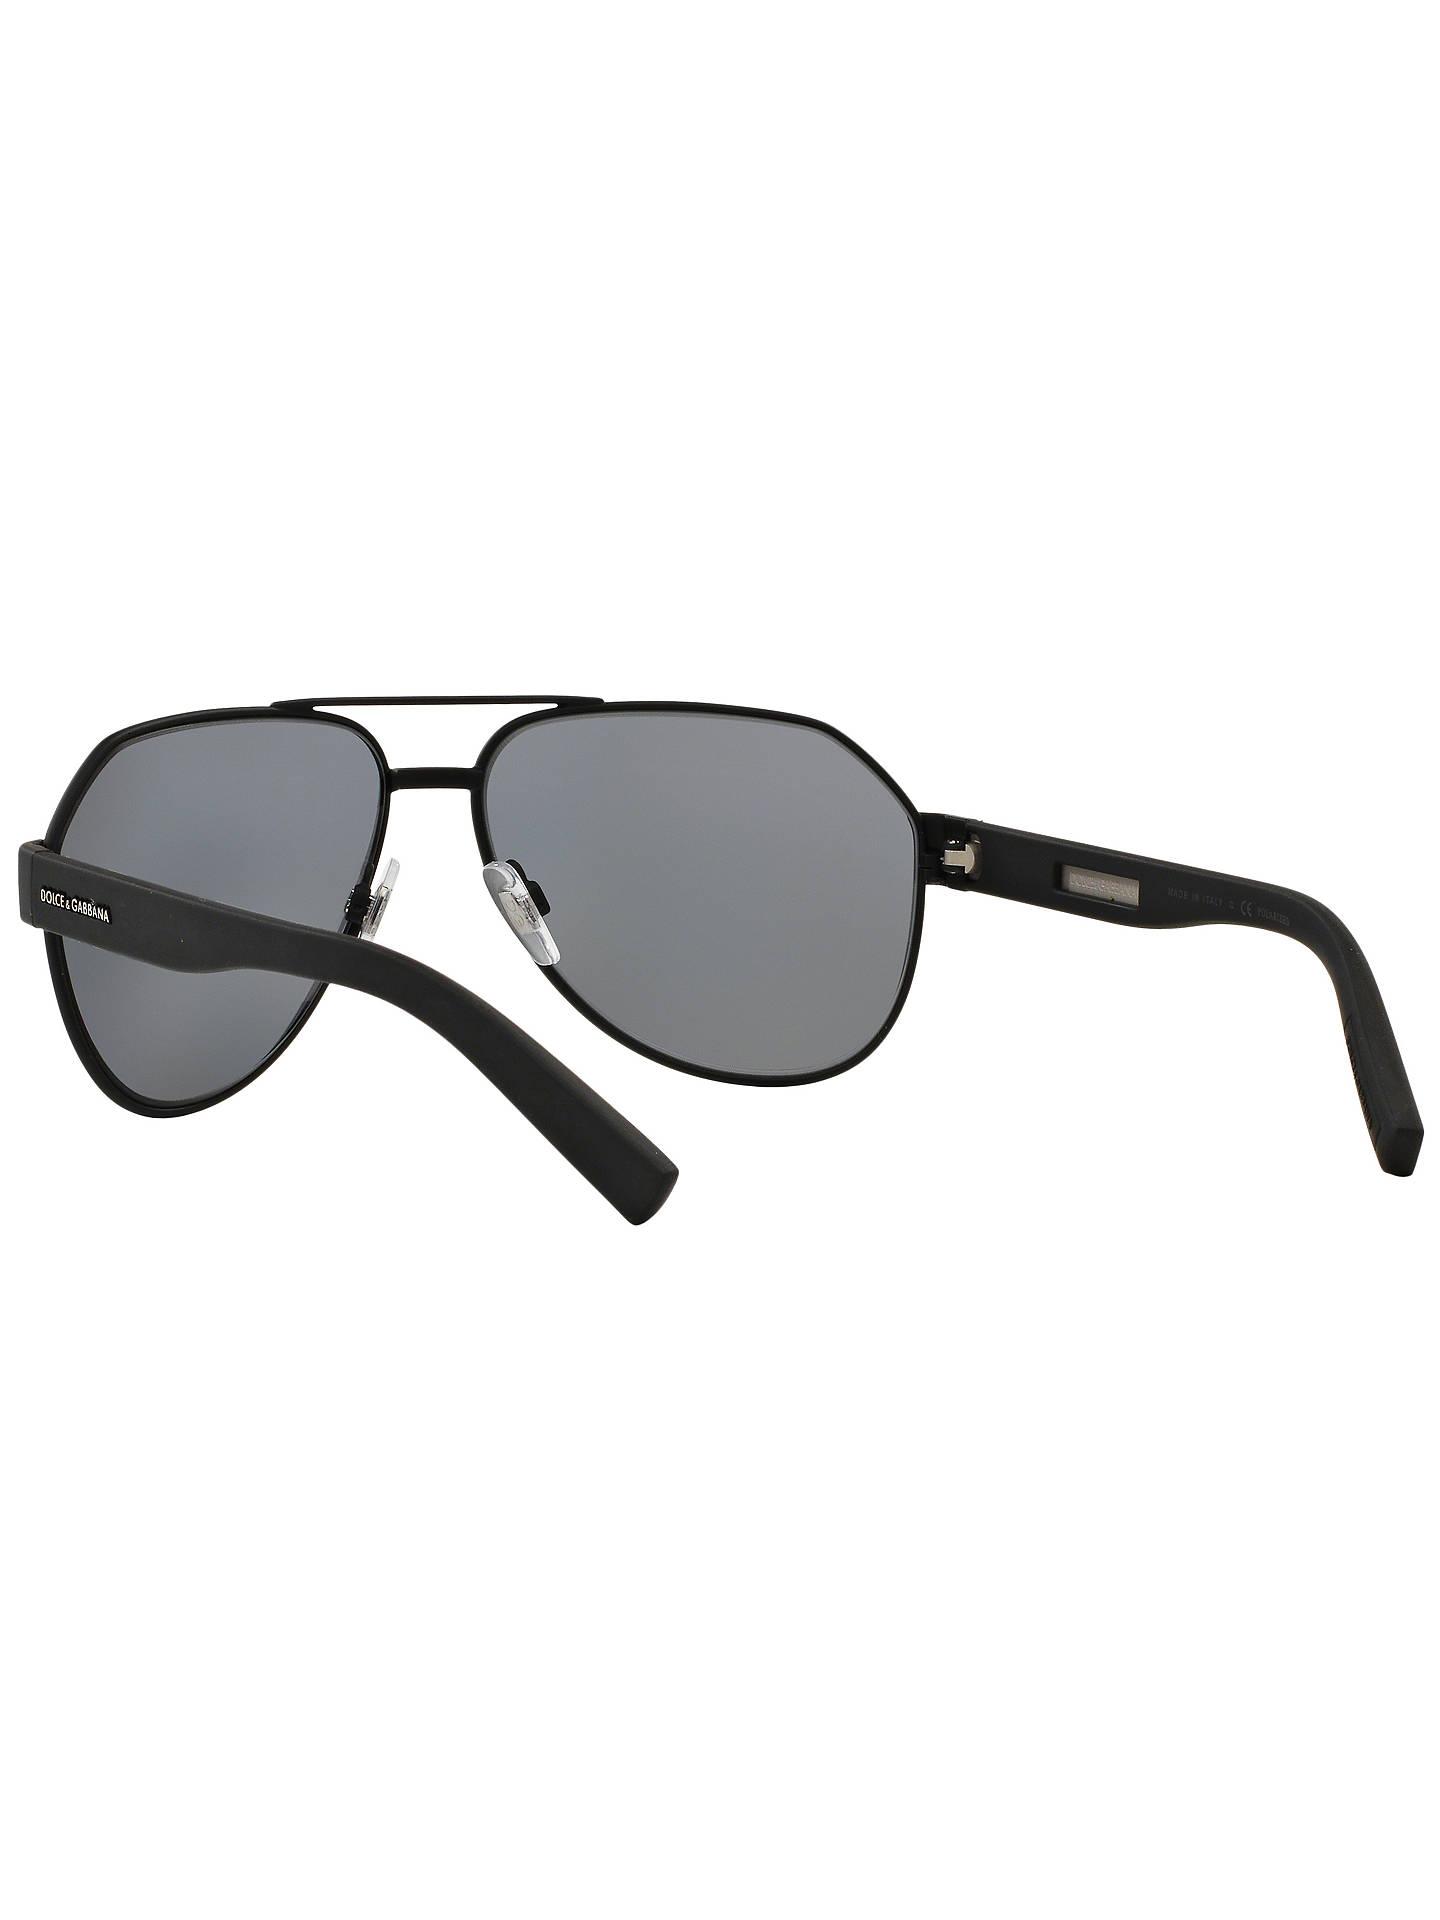 952bfa932db ... Buy Dolce   Gabbana DG2149 Polarised Aviator Sunglasses